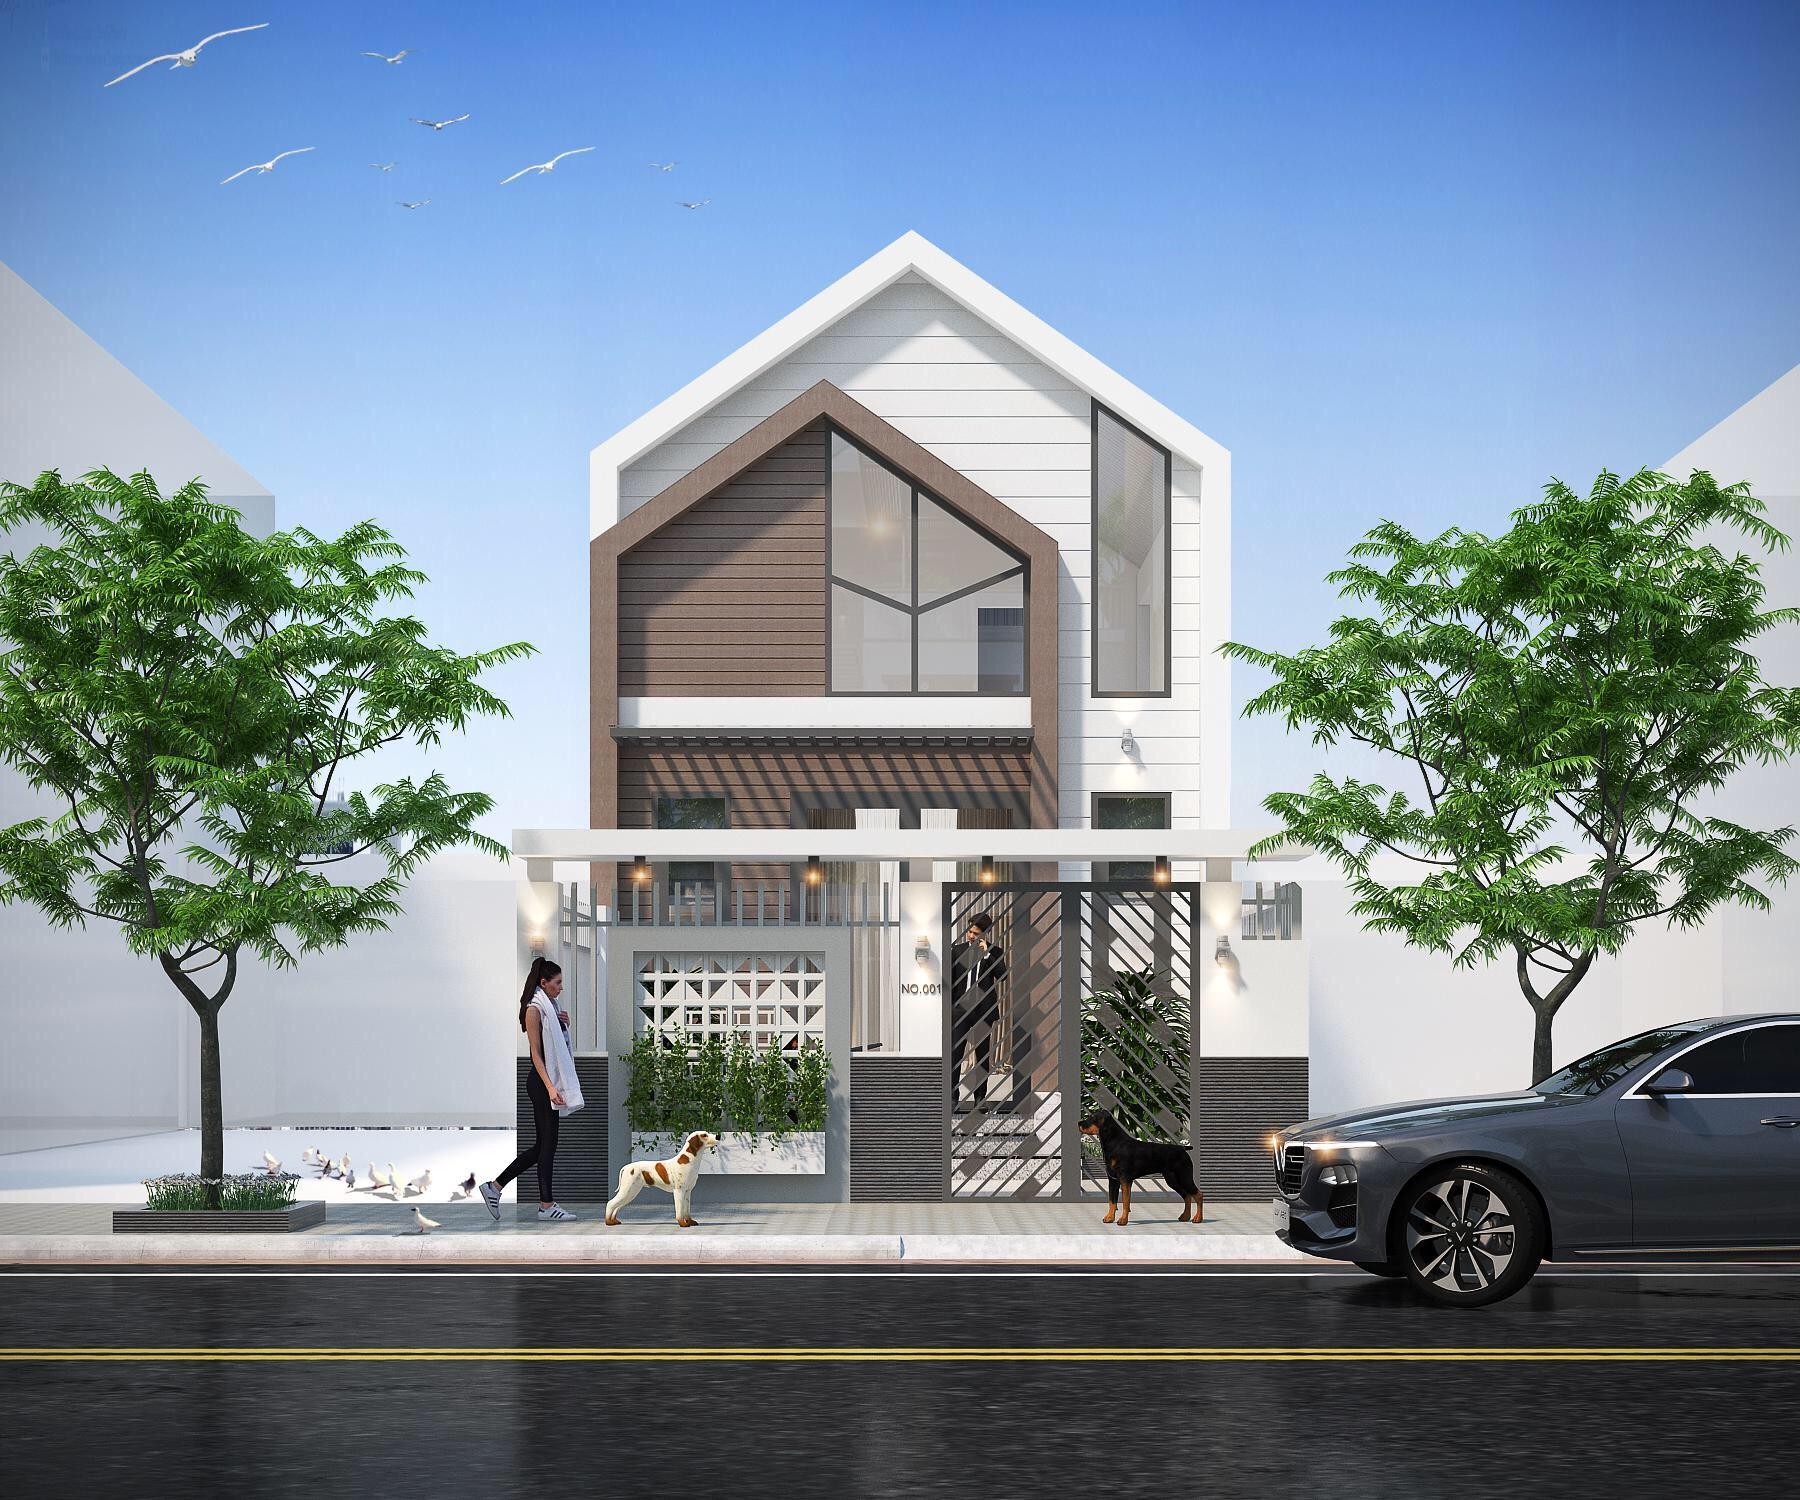 Thiết kế lô phố hiện đại Đà nẵng 6